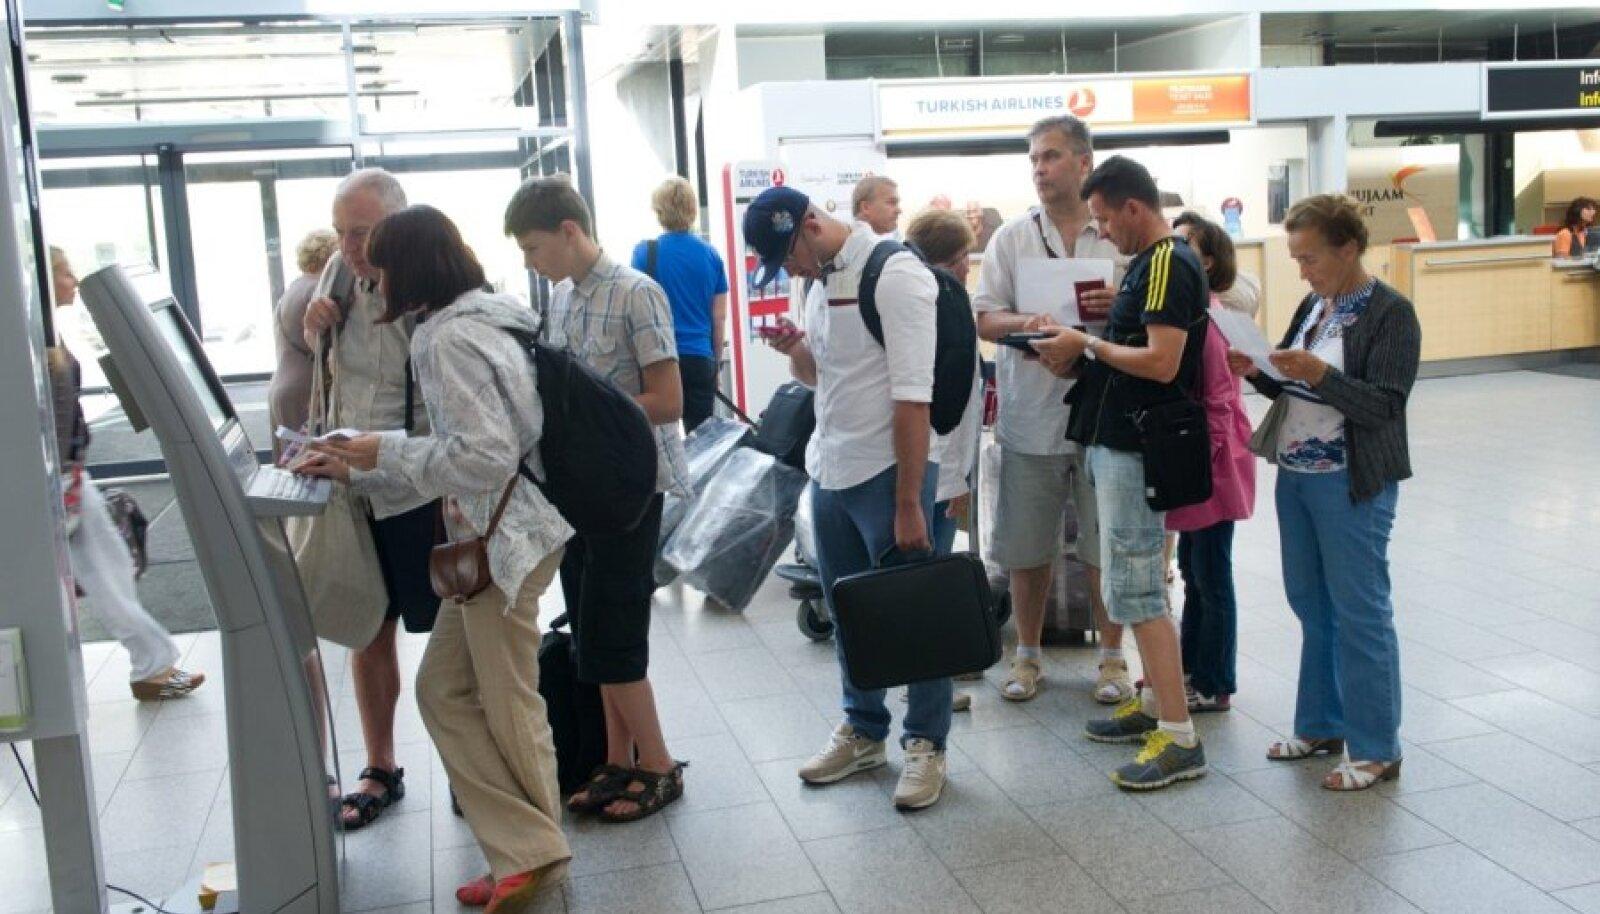 Chek-in Tallinna Lennujaamas